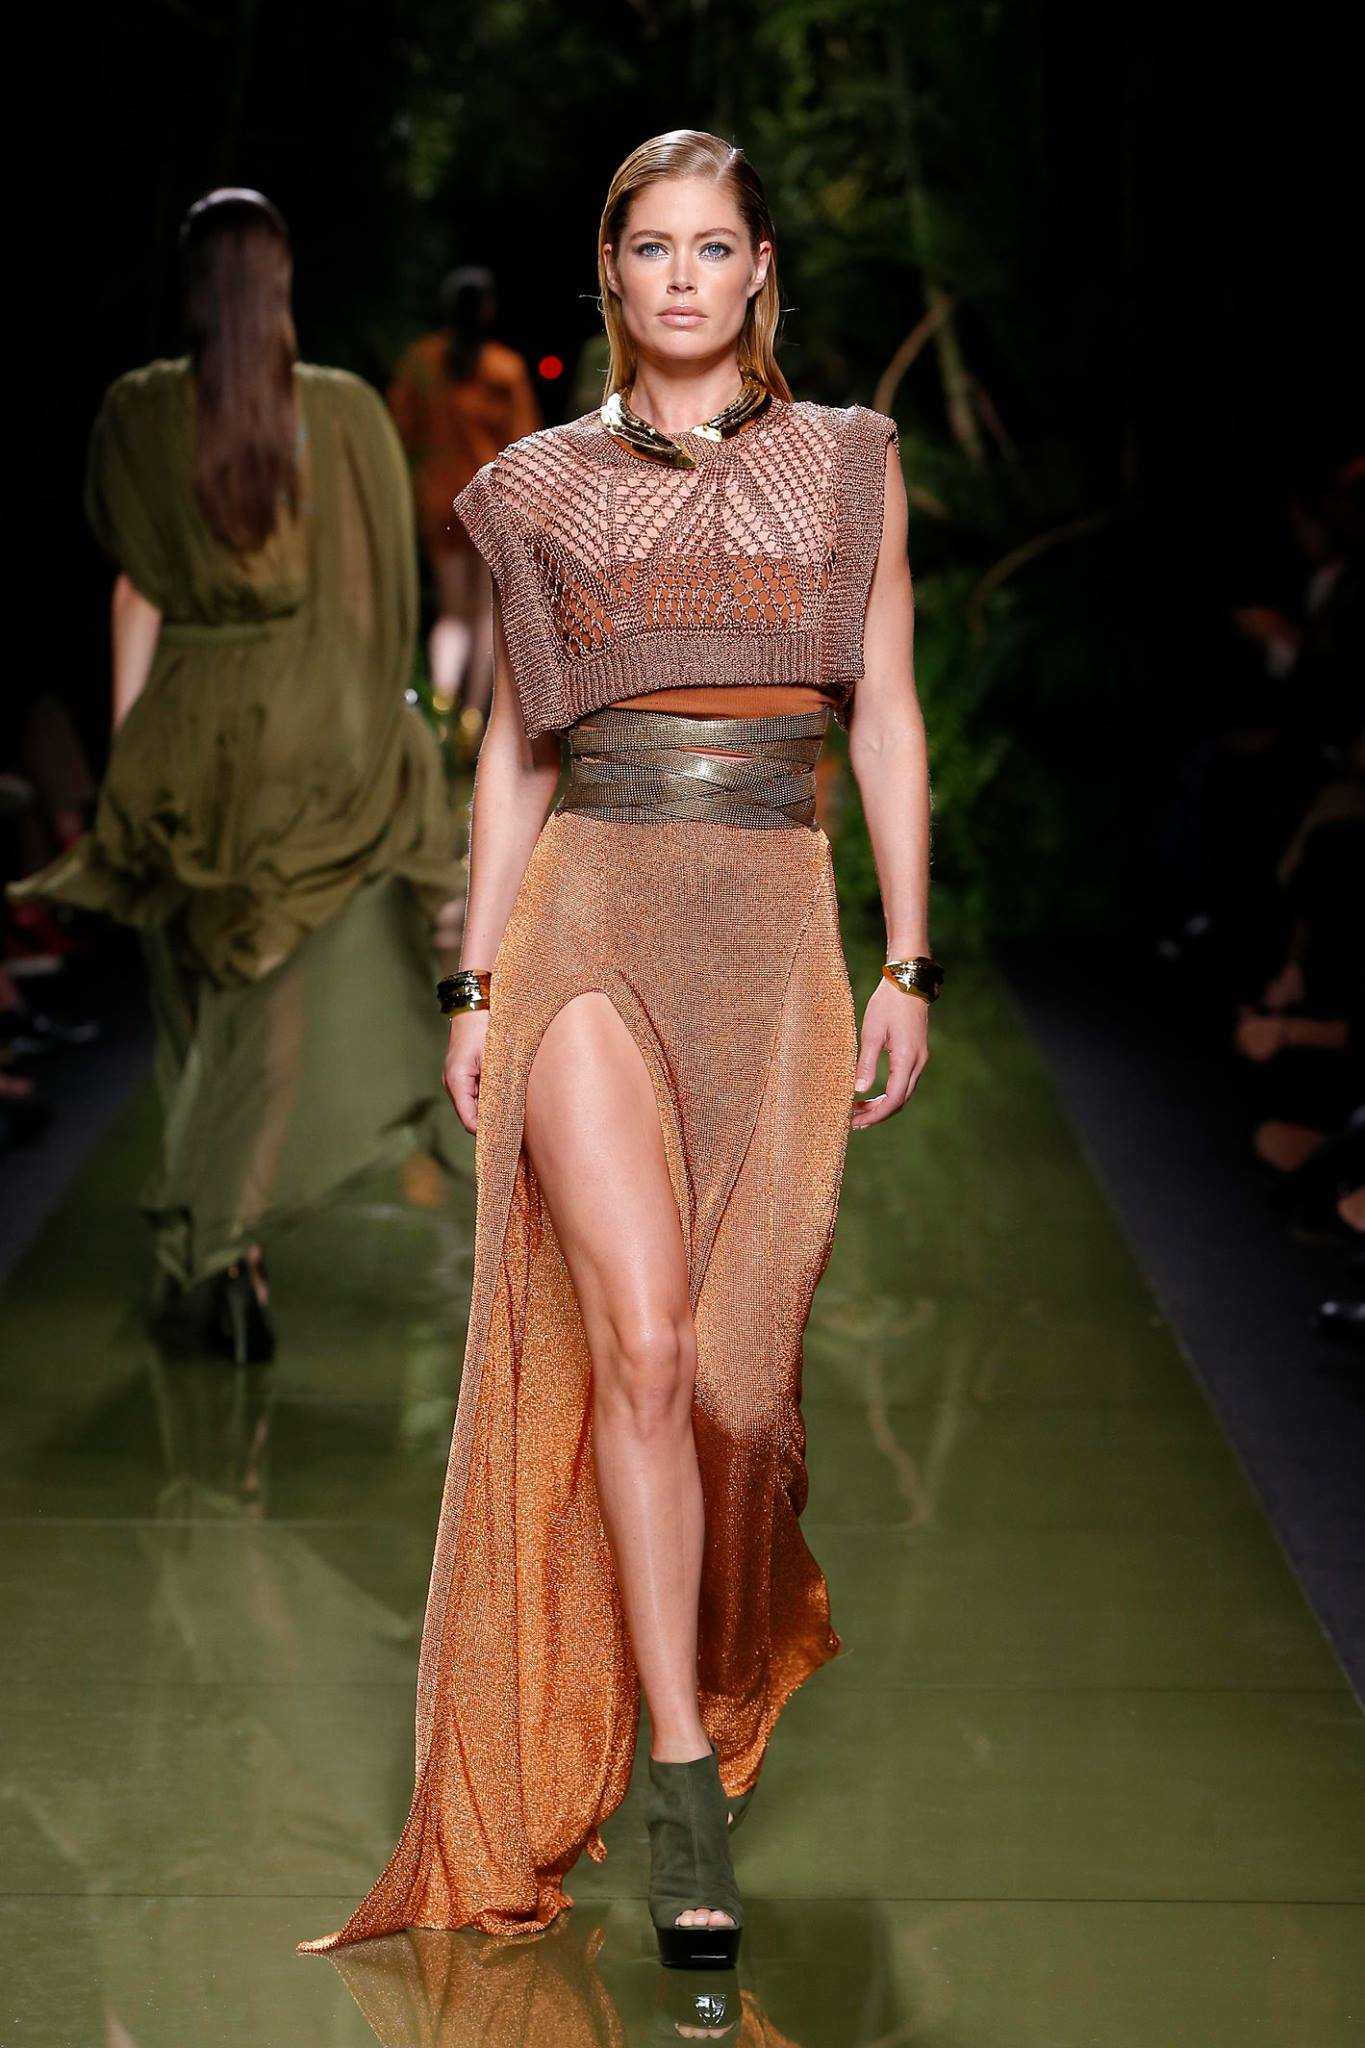 Kim Kardashian nuda da Balmain per la collezione Primavera Estate 2017, le foto